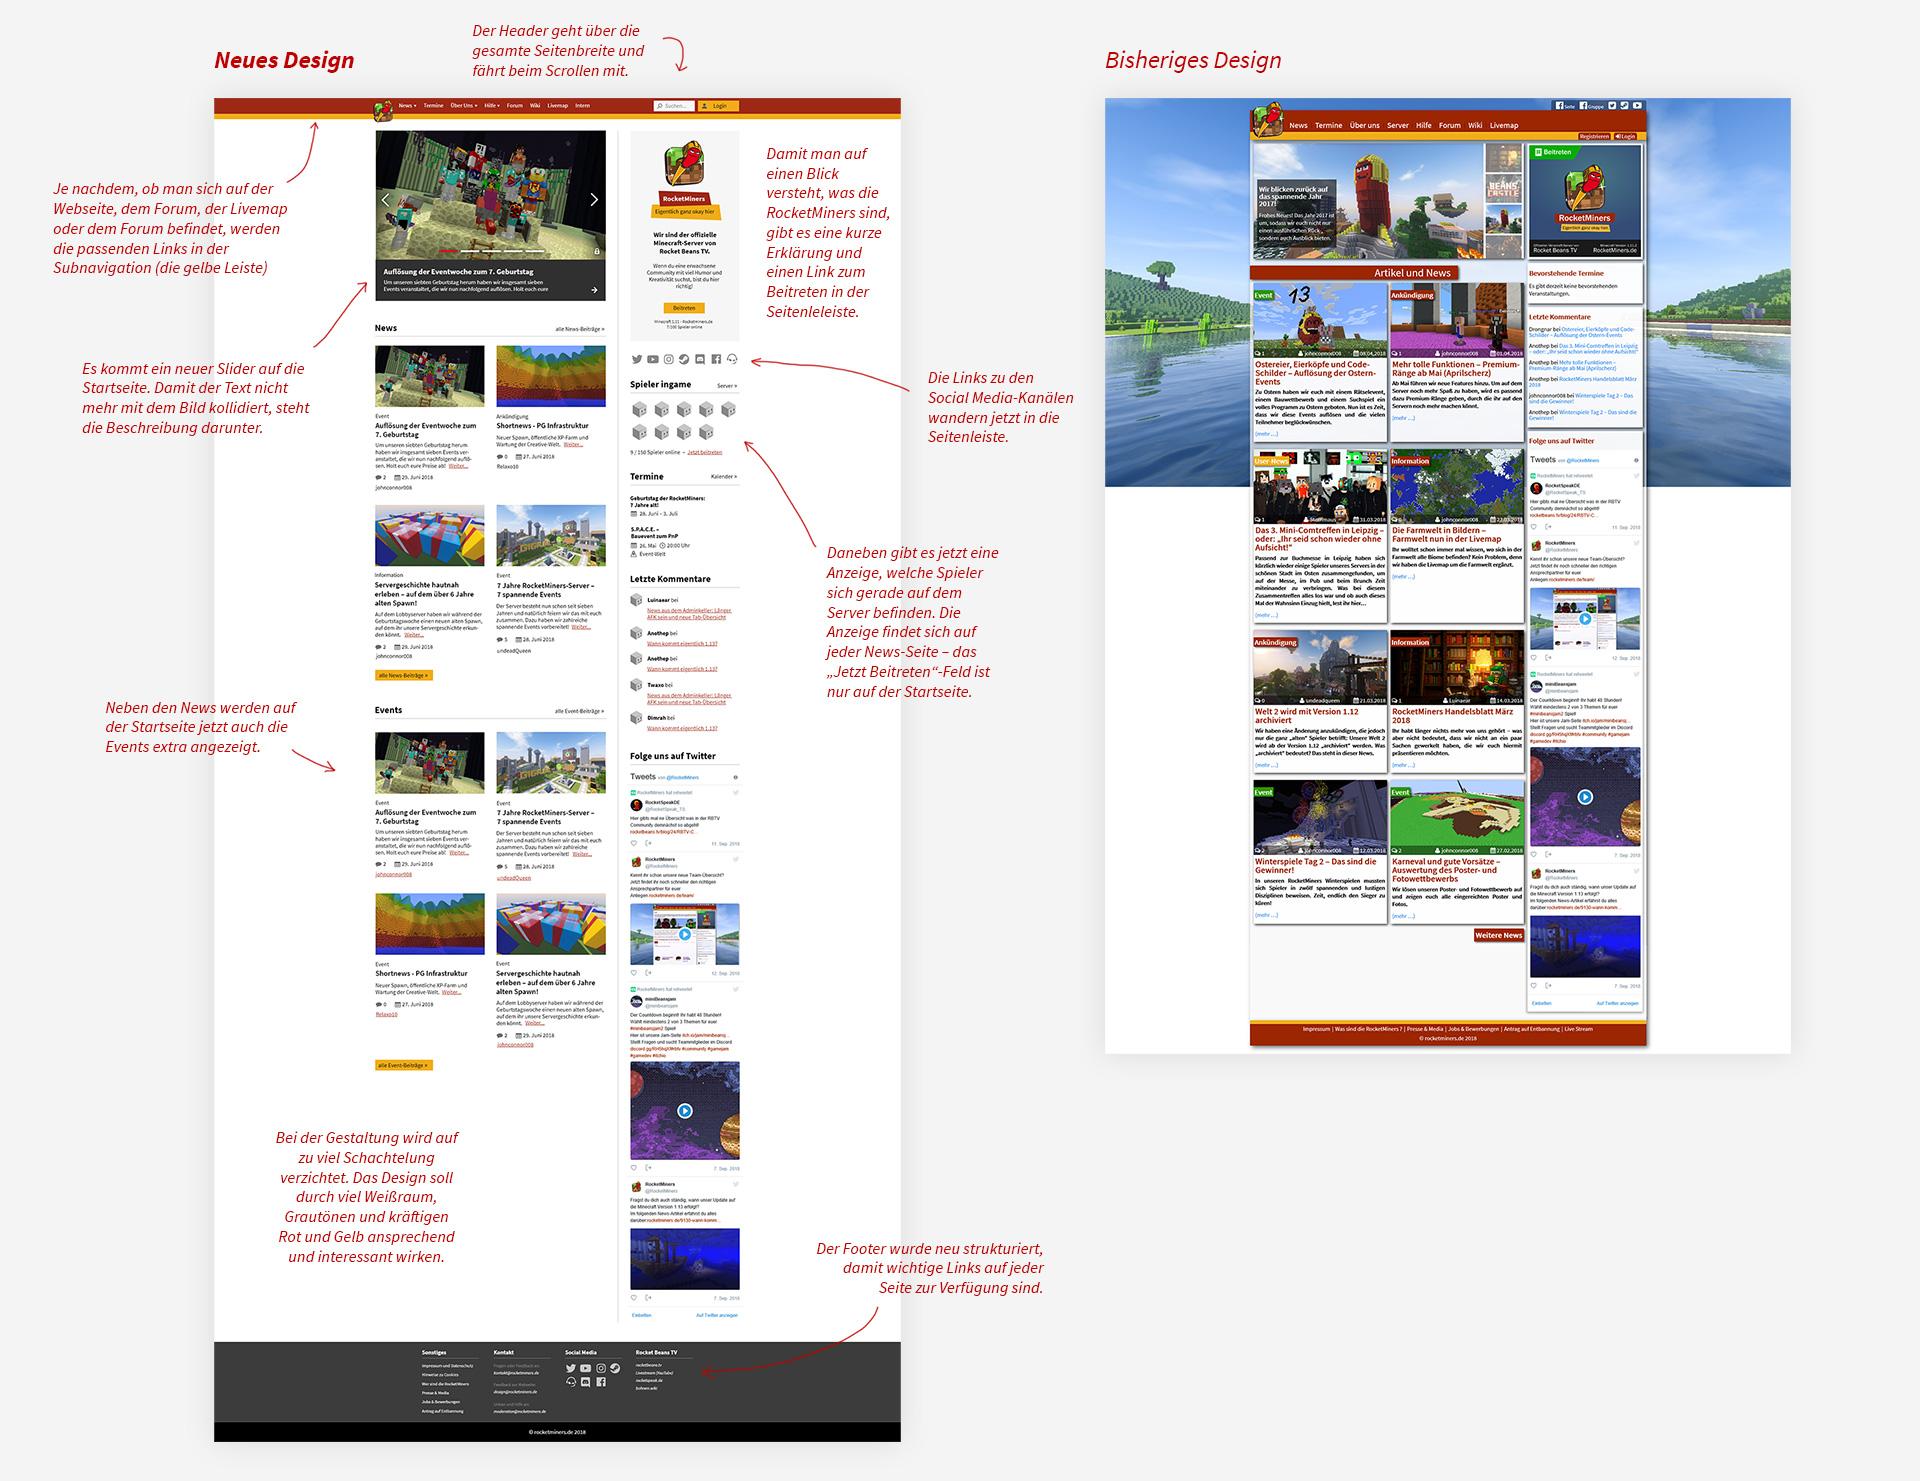 [Bild: RocketMiners-Redesign-Vergleich-vorher-nachher.jpg]